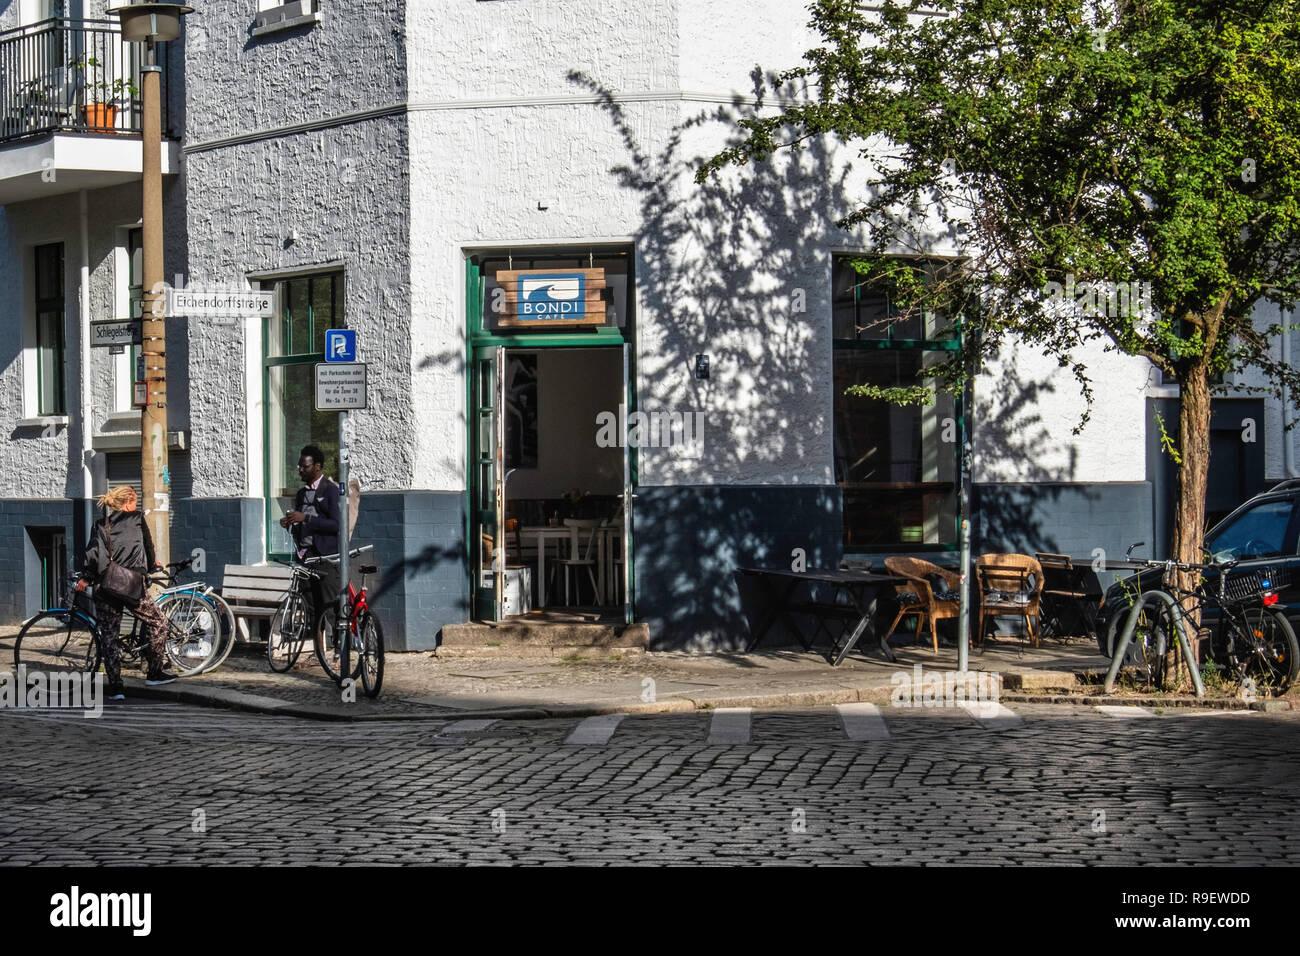 Berlin-Mitte,Eichendorffstraße 6. Cafe Bondi exterior, Trendy corner cafe & coffee shop serves brunch & breakfast - Stock Image